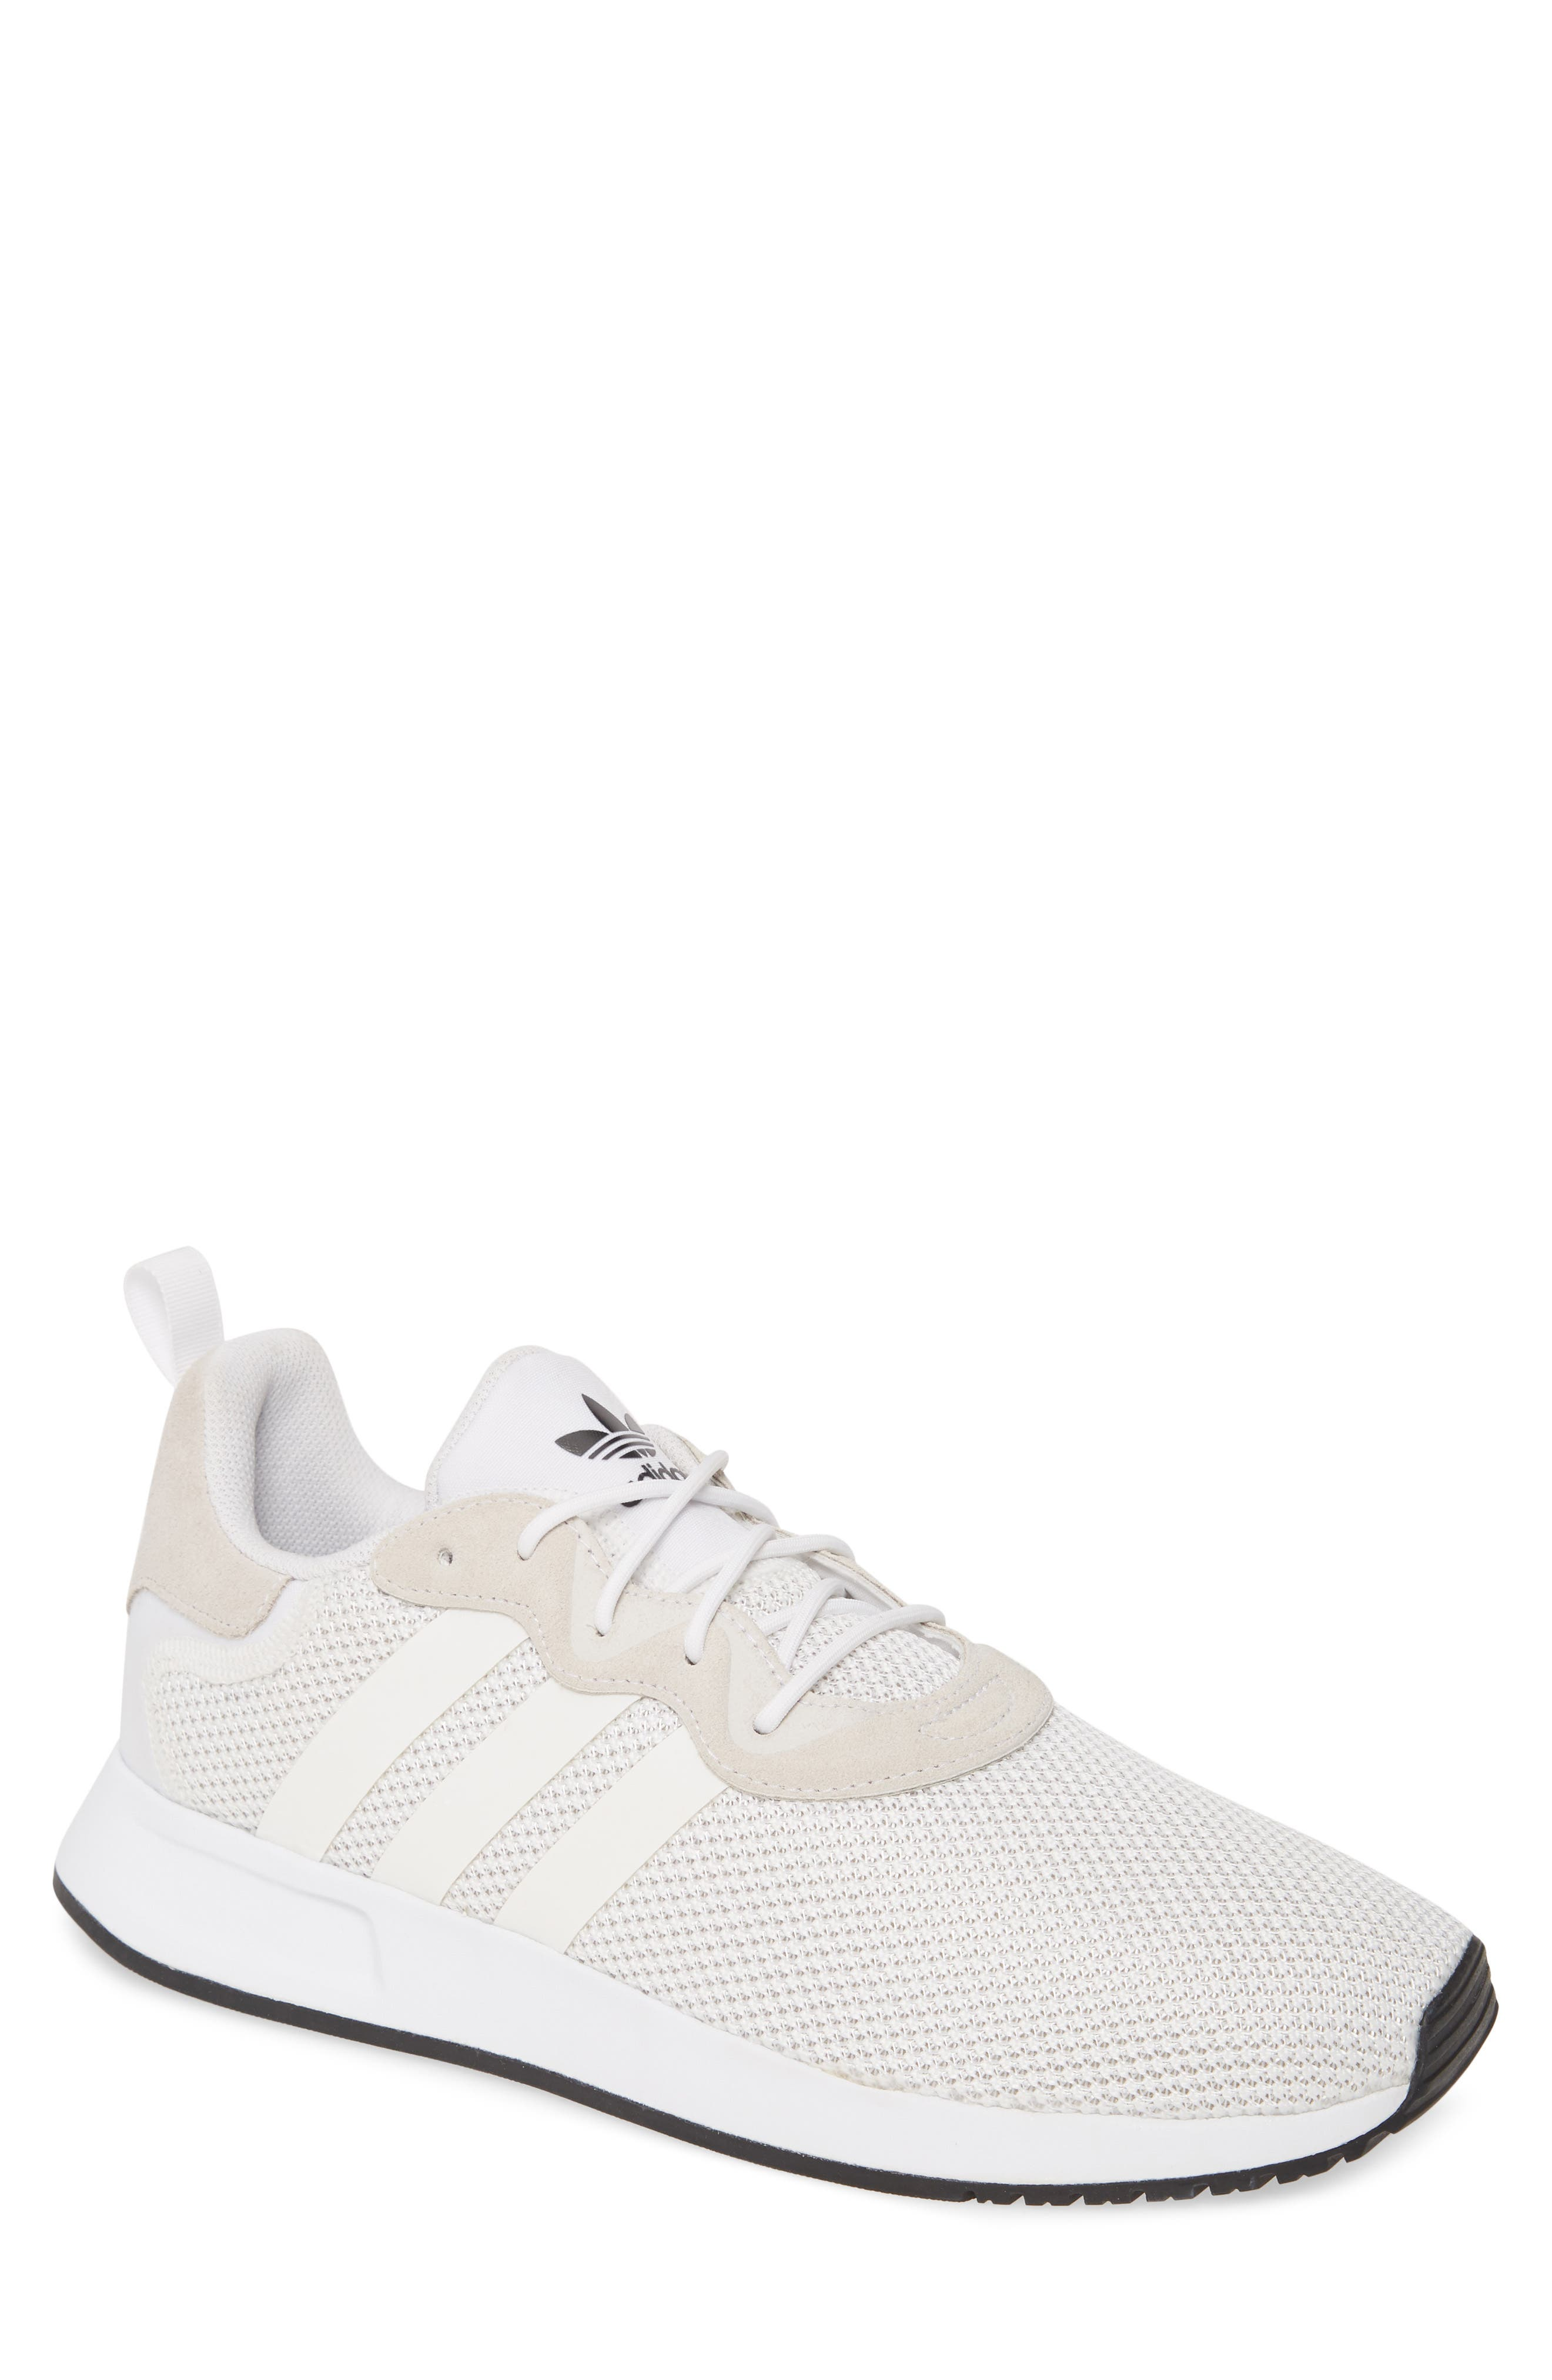 adidas X_PLR 2 Sneaker (Men) | Nordstrom